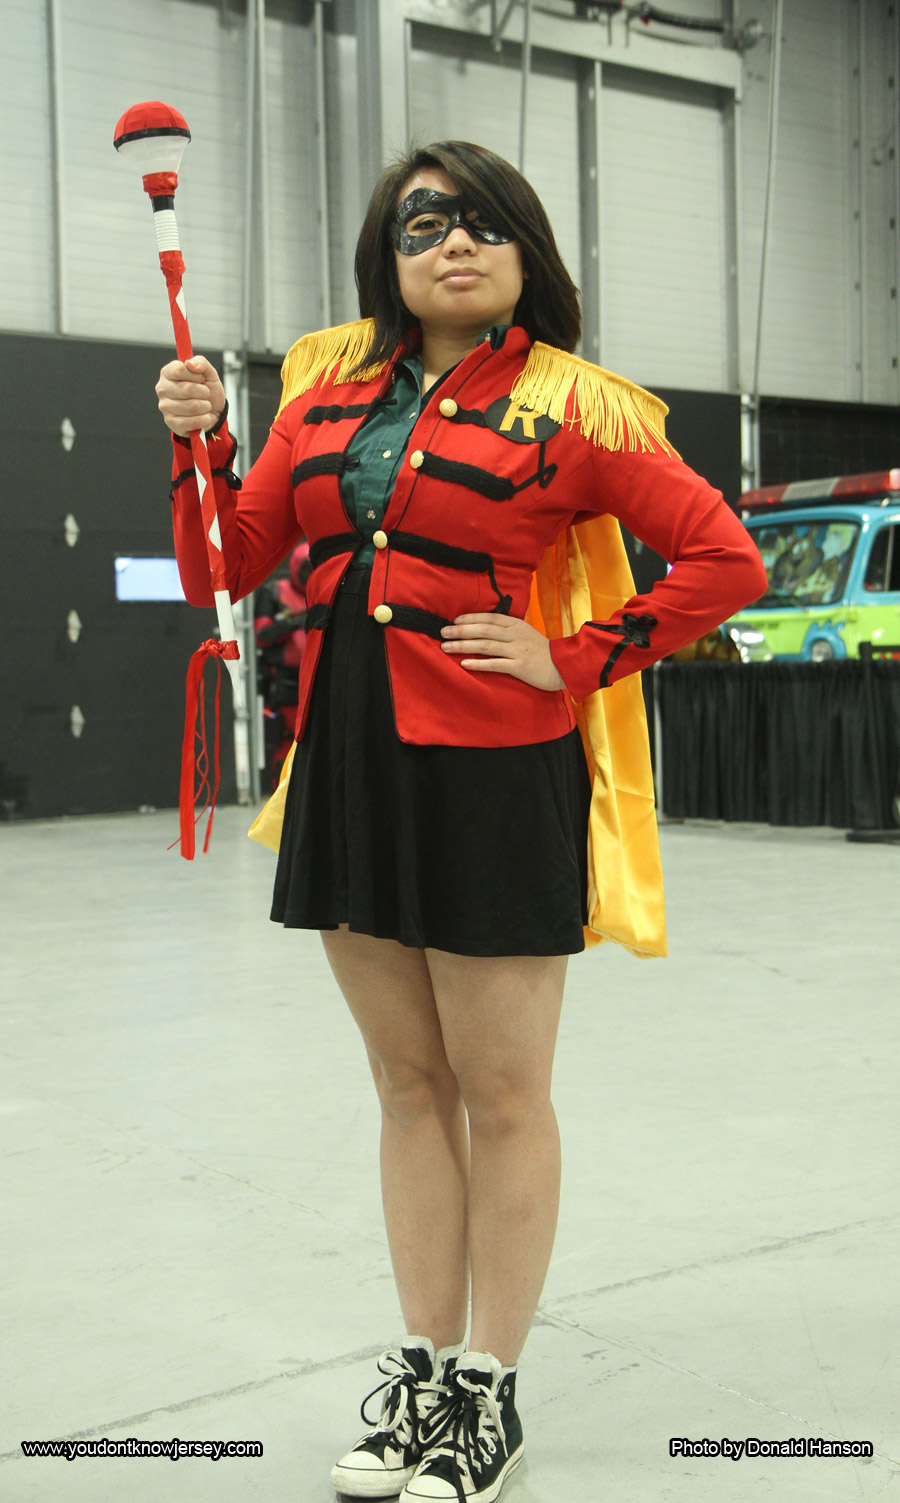 cosplay_5469_dg